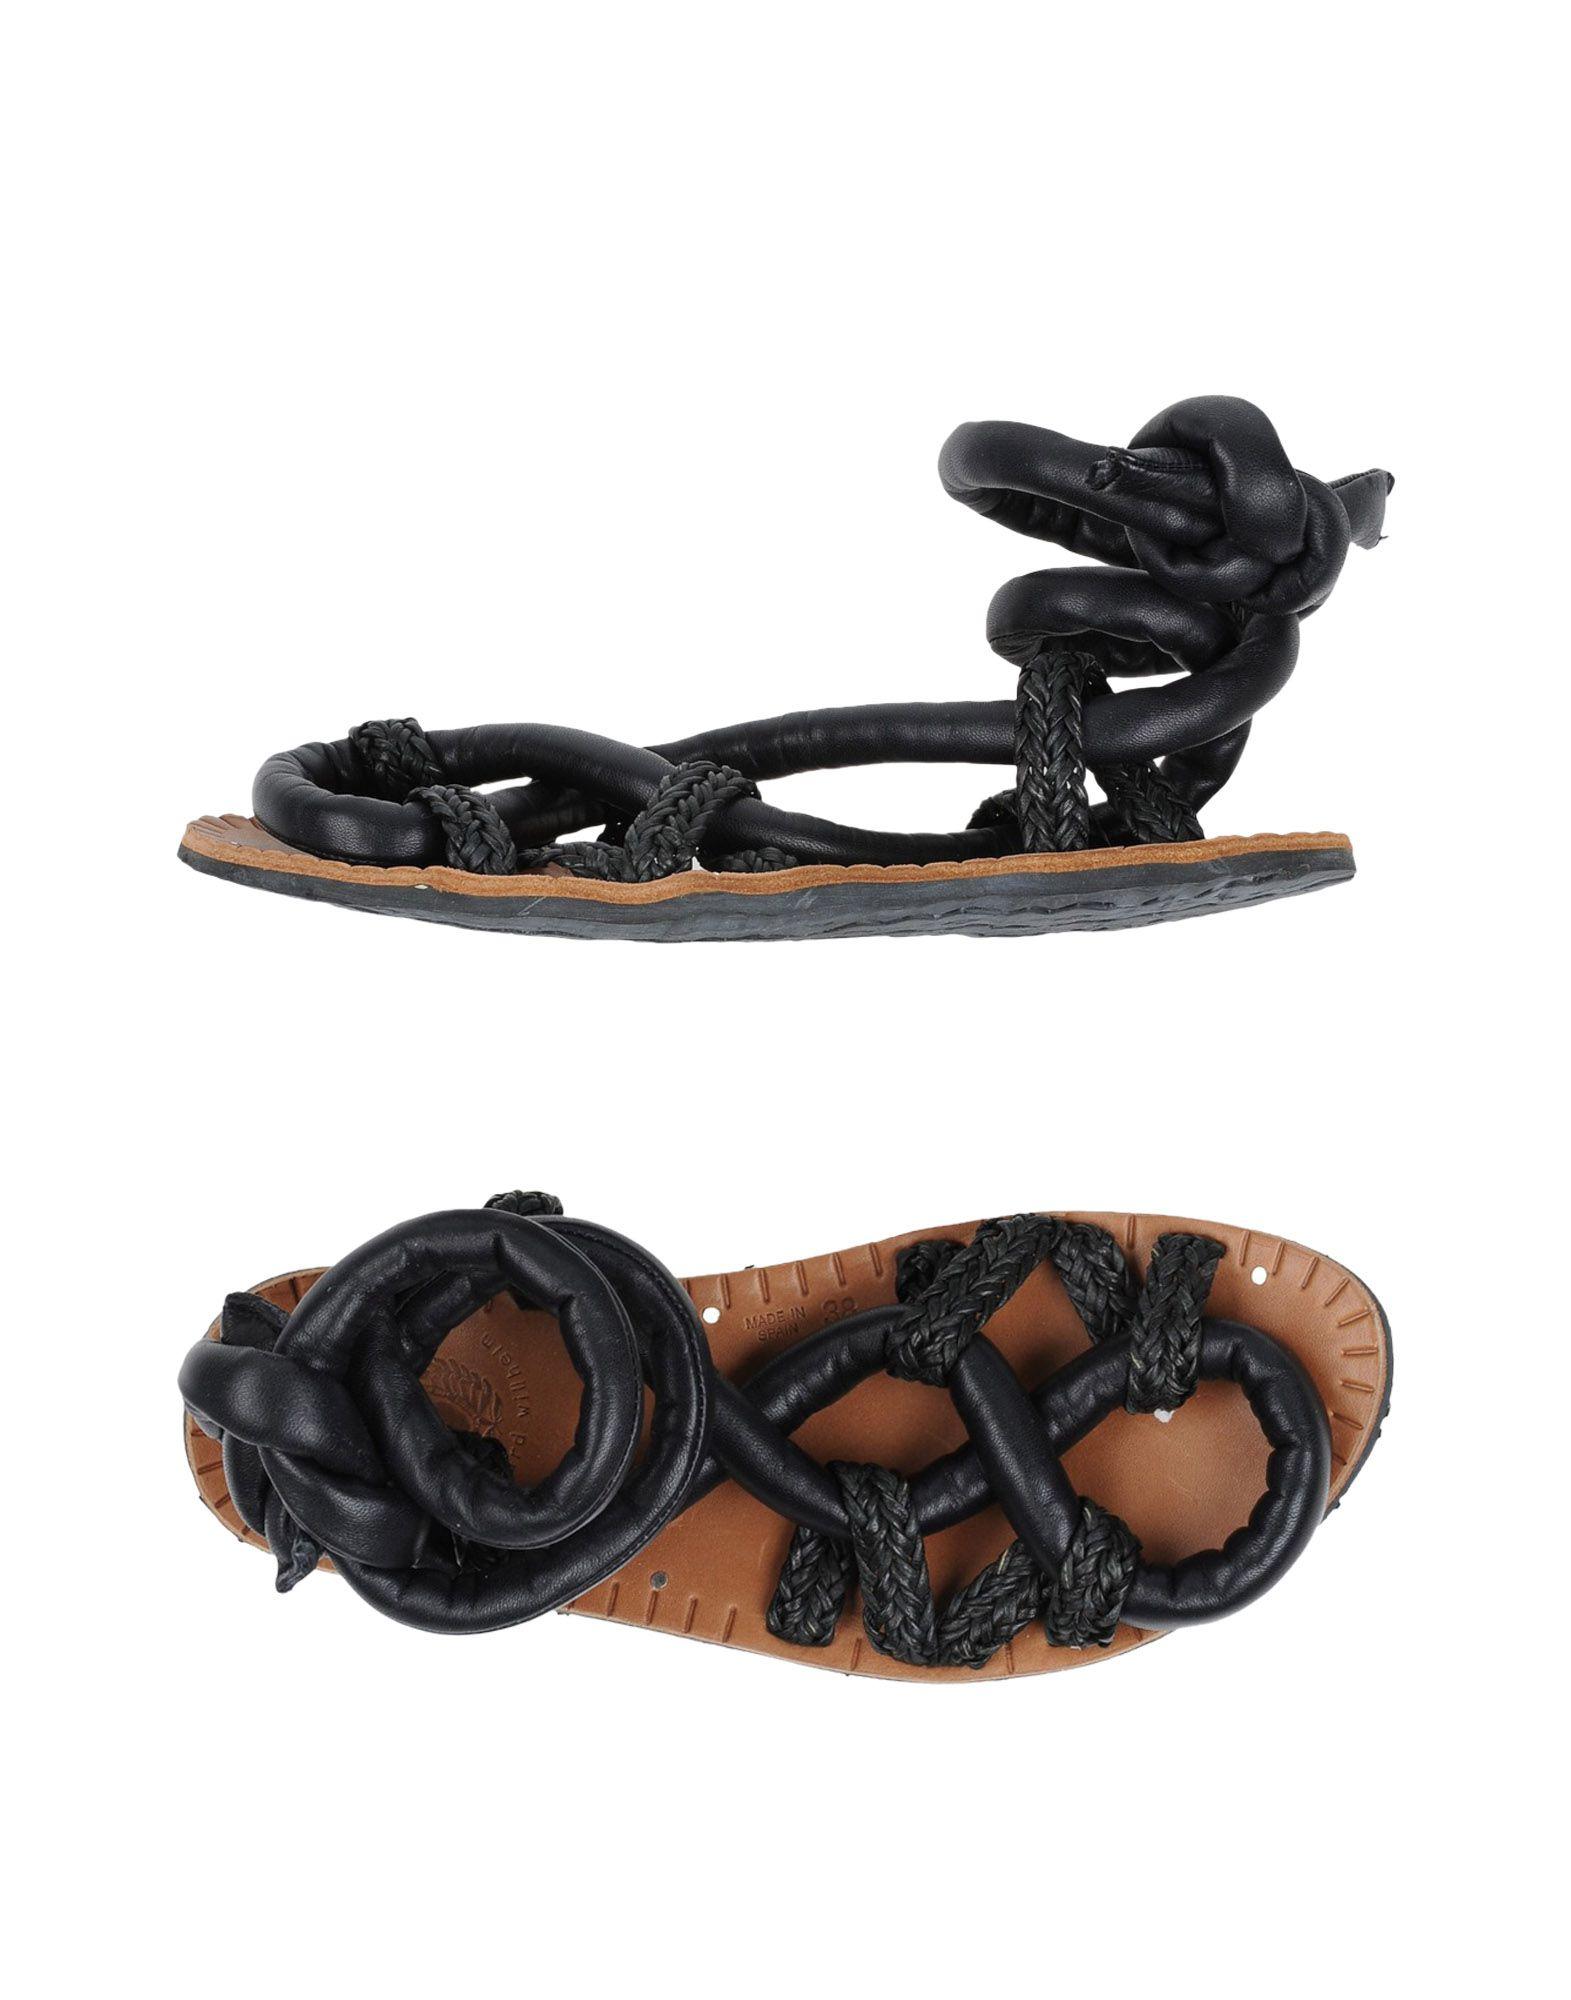 CAMPER TOGETHER Sandals in Black